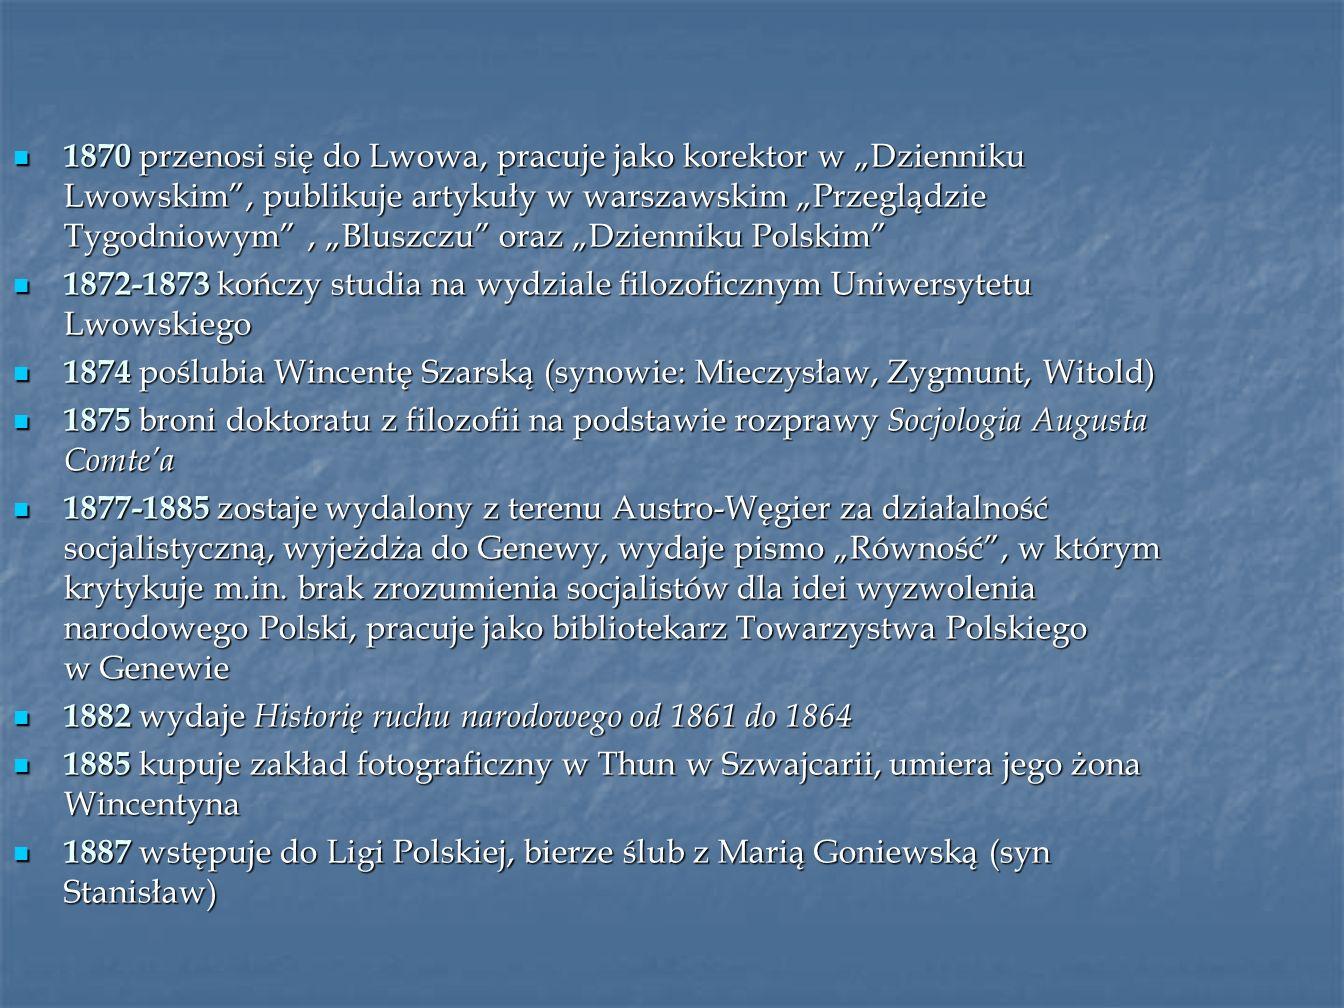 """1870 przenosi się do Lwowa, pracuje jako korektor w """"Dzienniku Lwowskim , publikuje artykuły w warszawskim """"Przeglądzie Tygodniowym , """"Bluszczu oraz """"Dzienniku Polskim"""